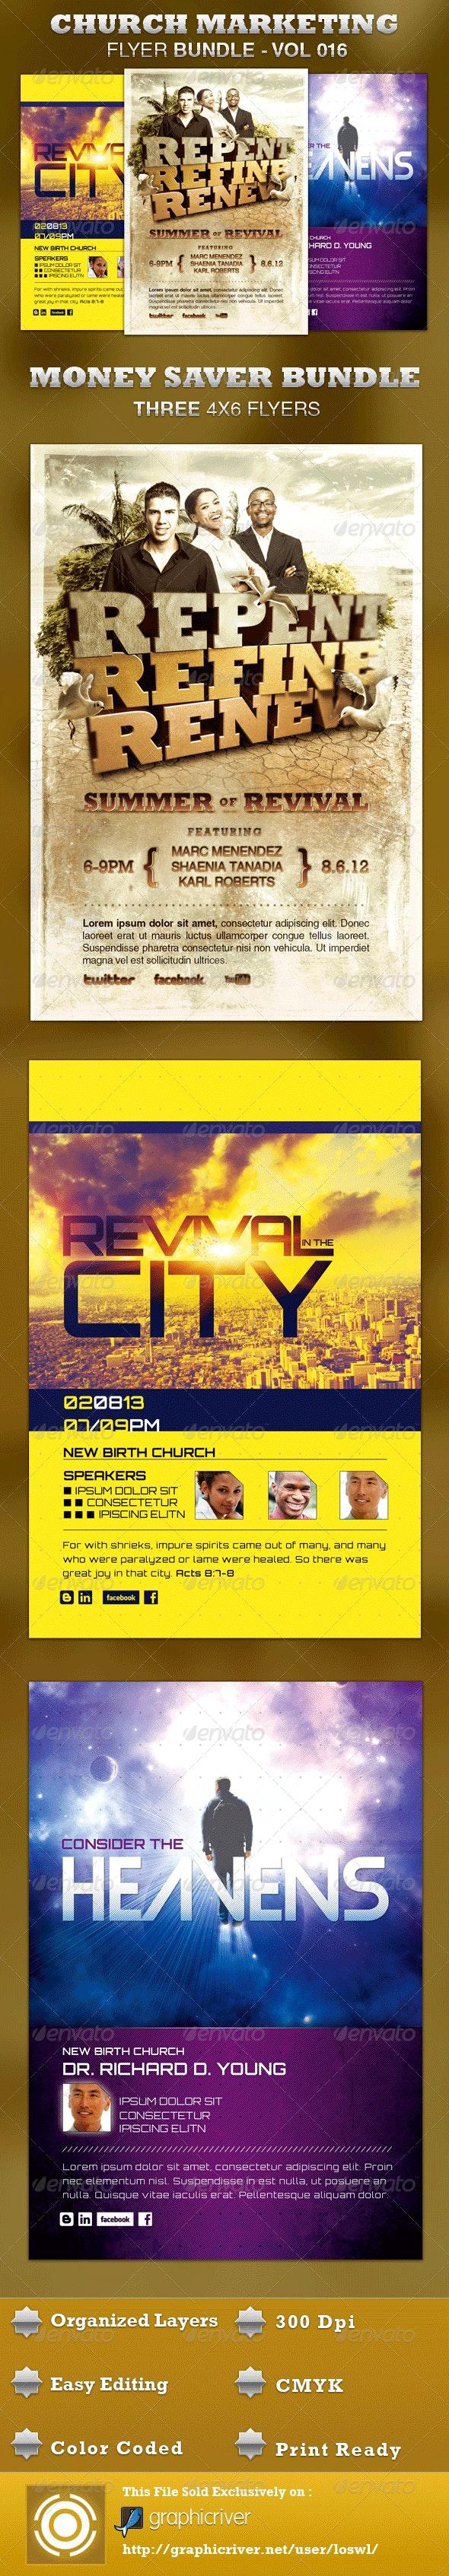 Church Marketing Flyer Bundle-Vol 016 - Church Flyers